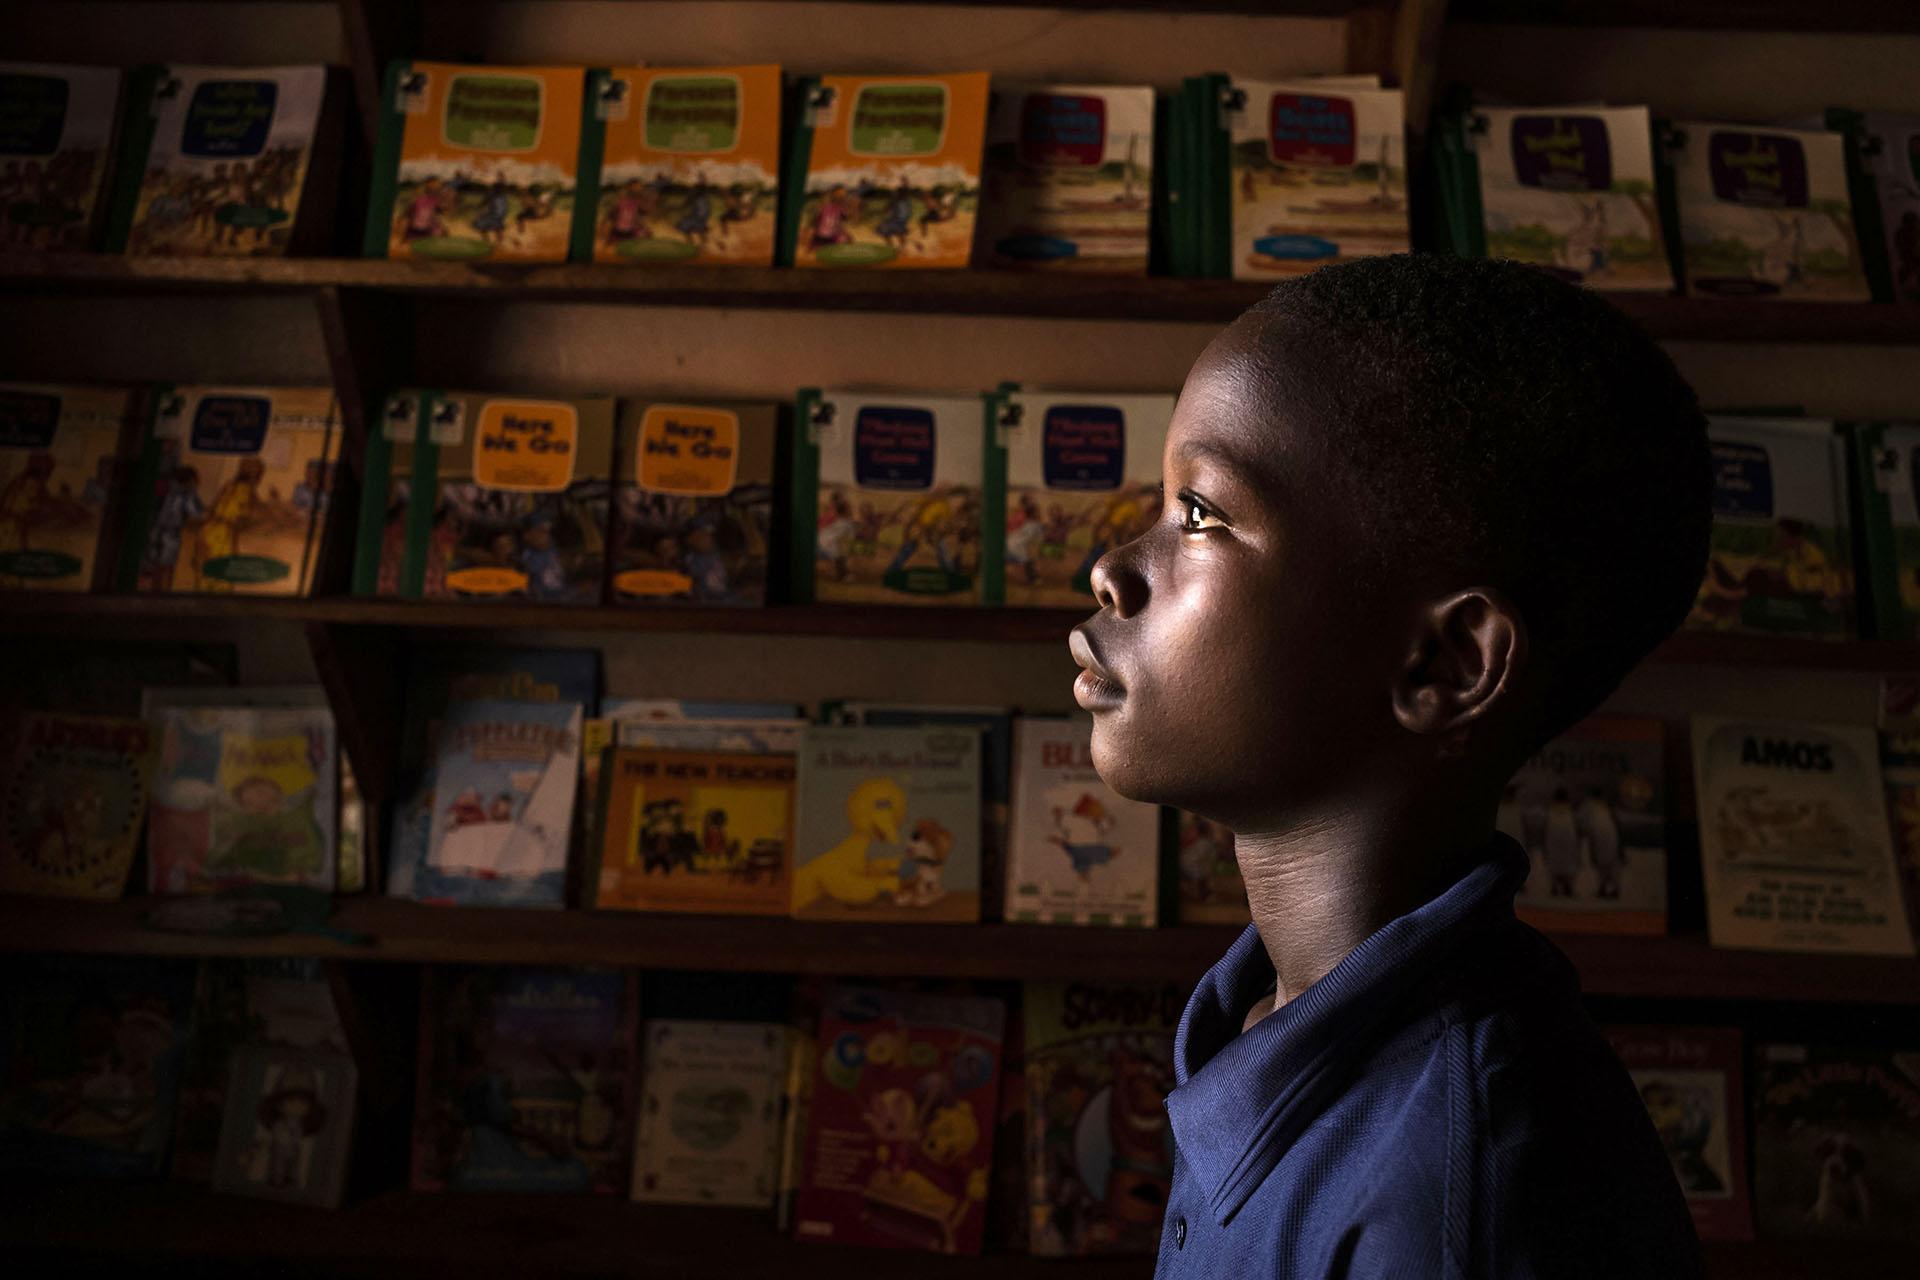 Child In Front Of Shelves Full Of Books